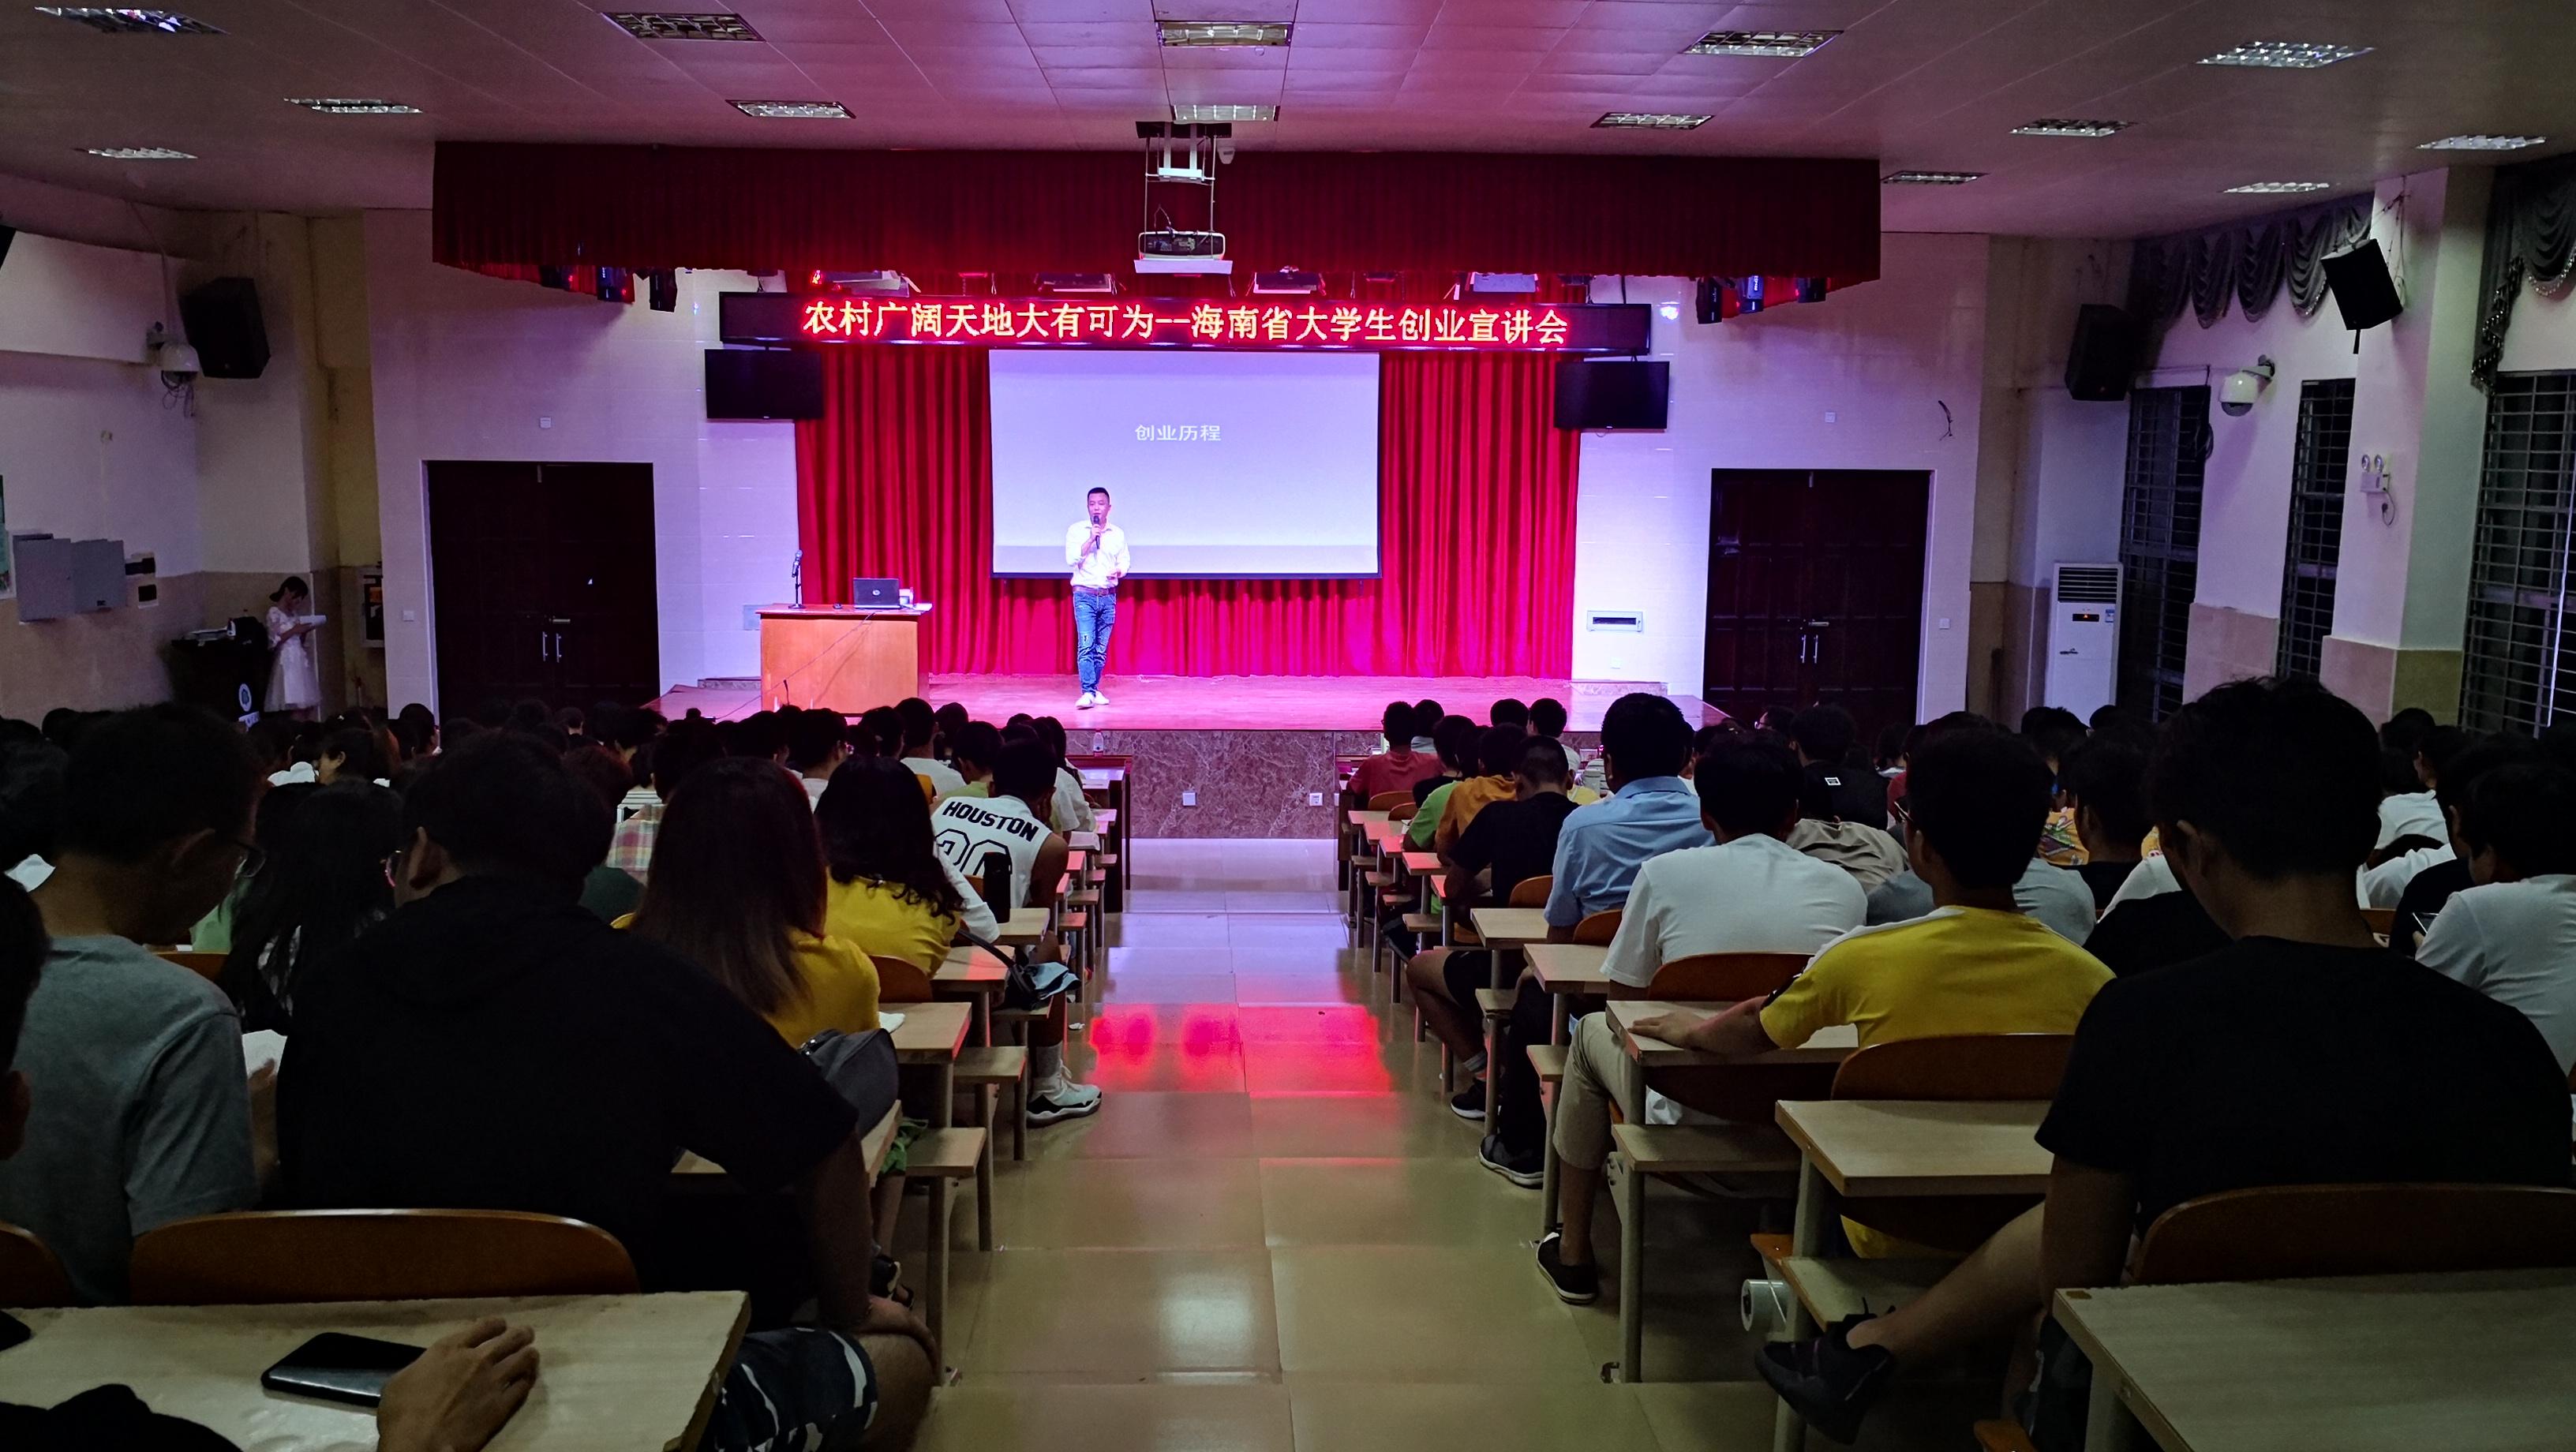 海南省大学生农村创业宣讲活动在我校举办